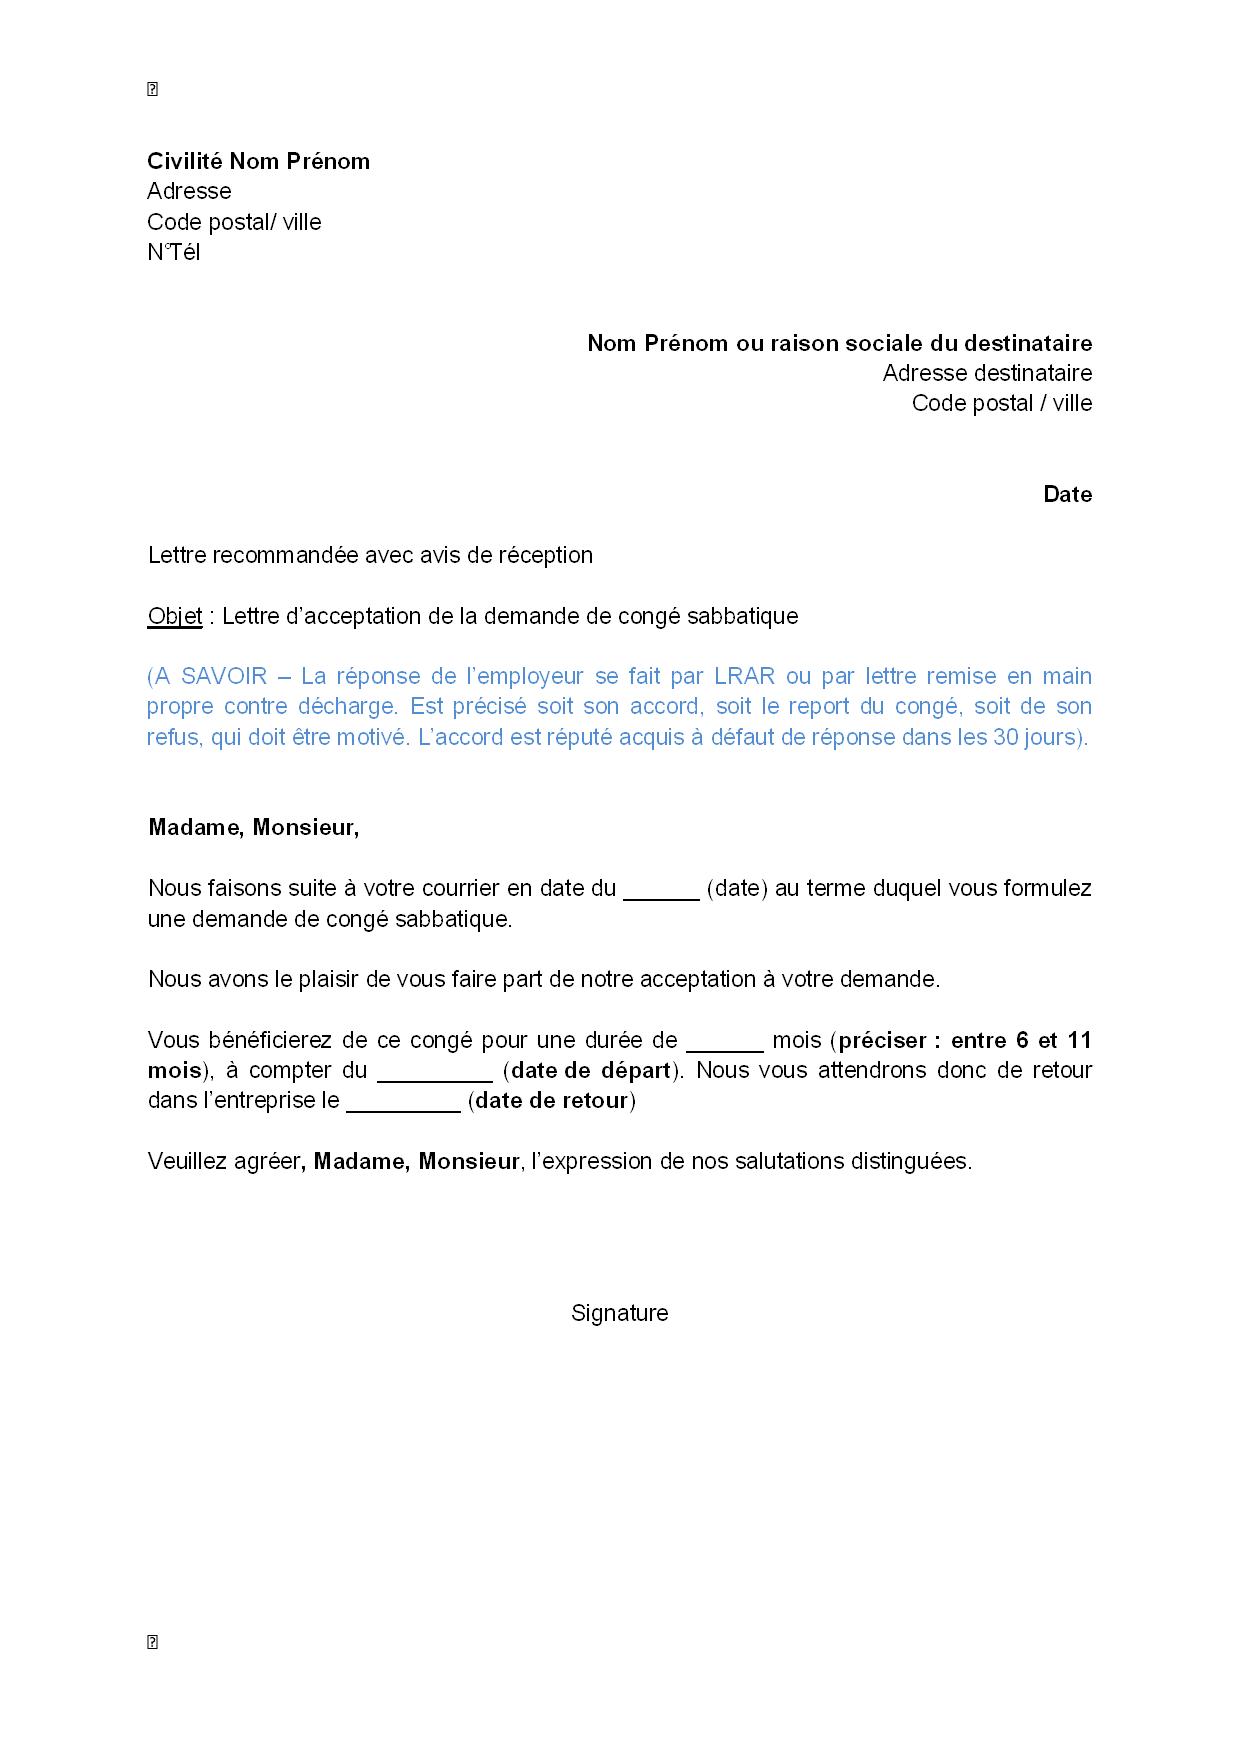 modele lettre demande de report de congés Exemple gratuit de Lettre acceptation, par employeur, demande  modele lettre demande de report de congés